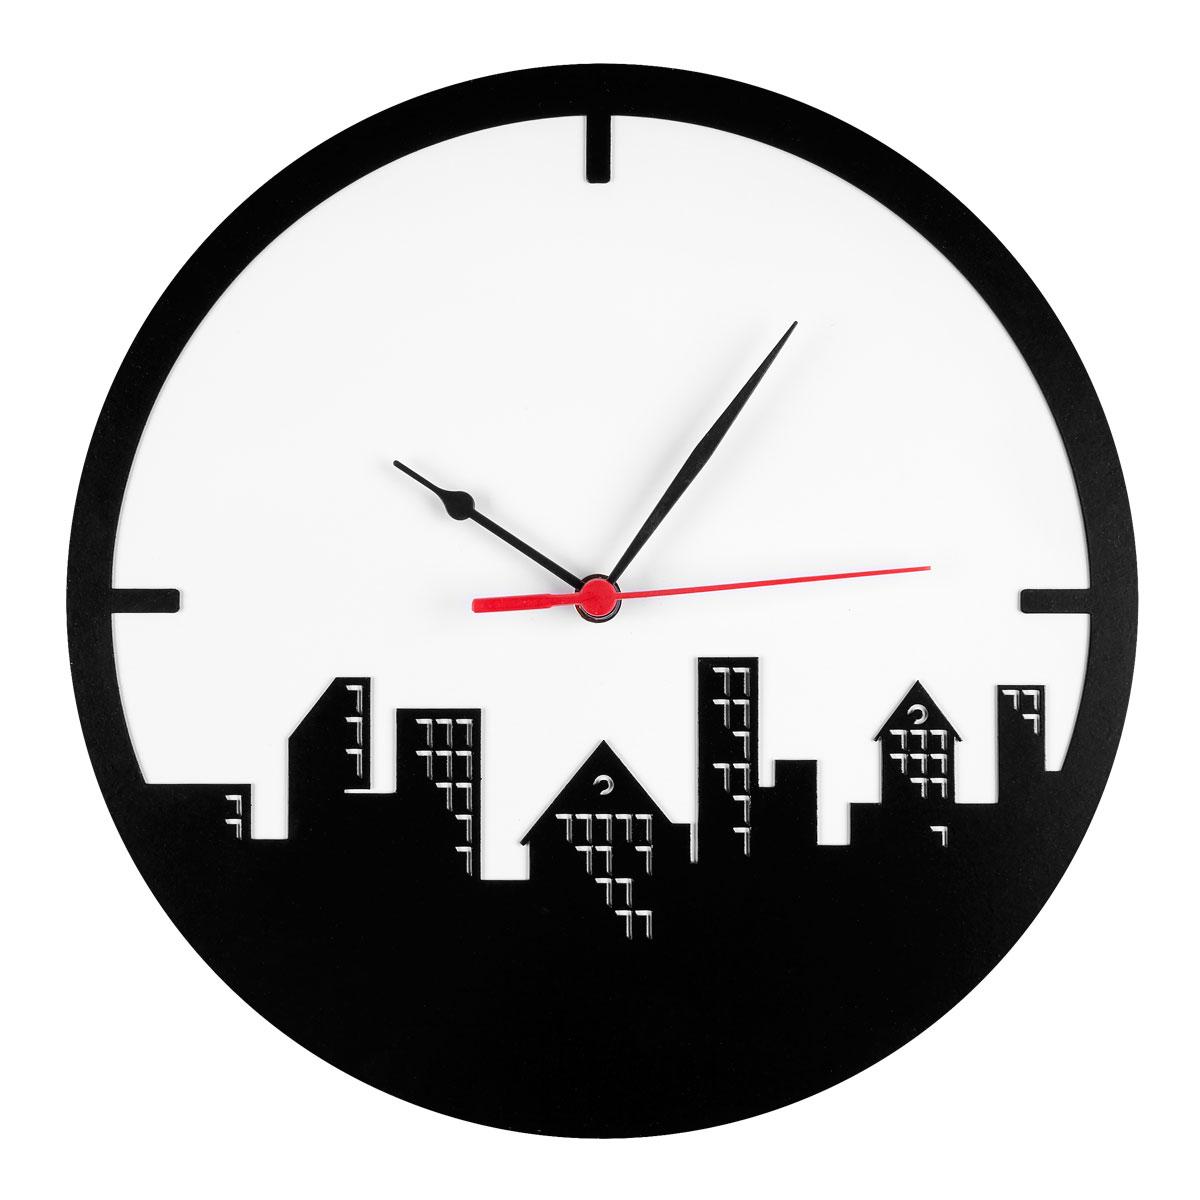 Часы настенные Miolla Город, цвет: белый, черныйCH008Оригинальные настенные часы круглой формы выполнены из стали. Часы имеют три стрелки - часовую, минутную и секундную и циферблат с цифрами. Необычное дизайнерское решение и качество исполнения придутся по вкусу каждому. Оформите свой дом таким интерьерным аксессуаром или преподнесите его в качестве презента друзьям, и они оценят ваш оригинальный вкус и неординарность подарка.